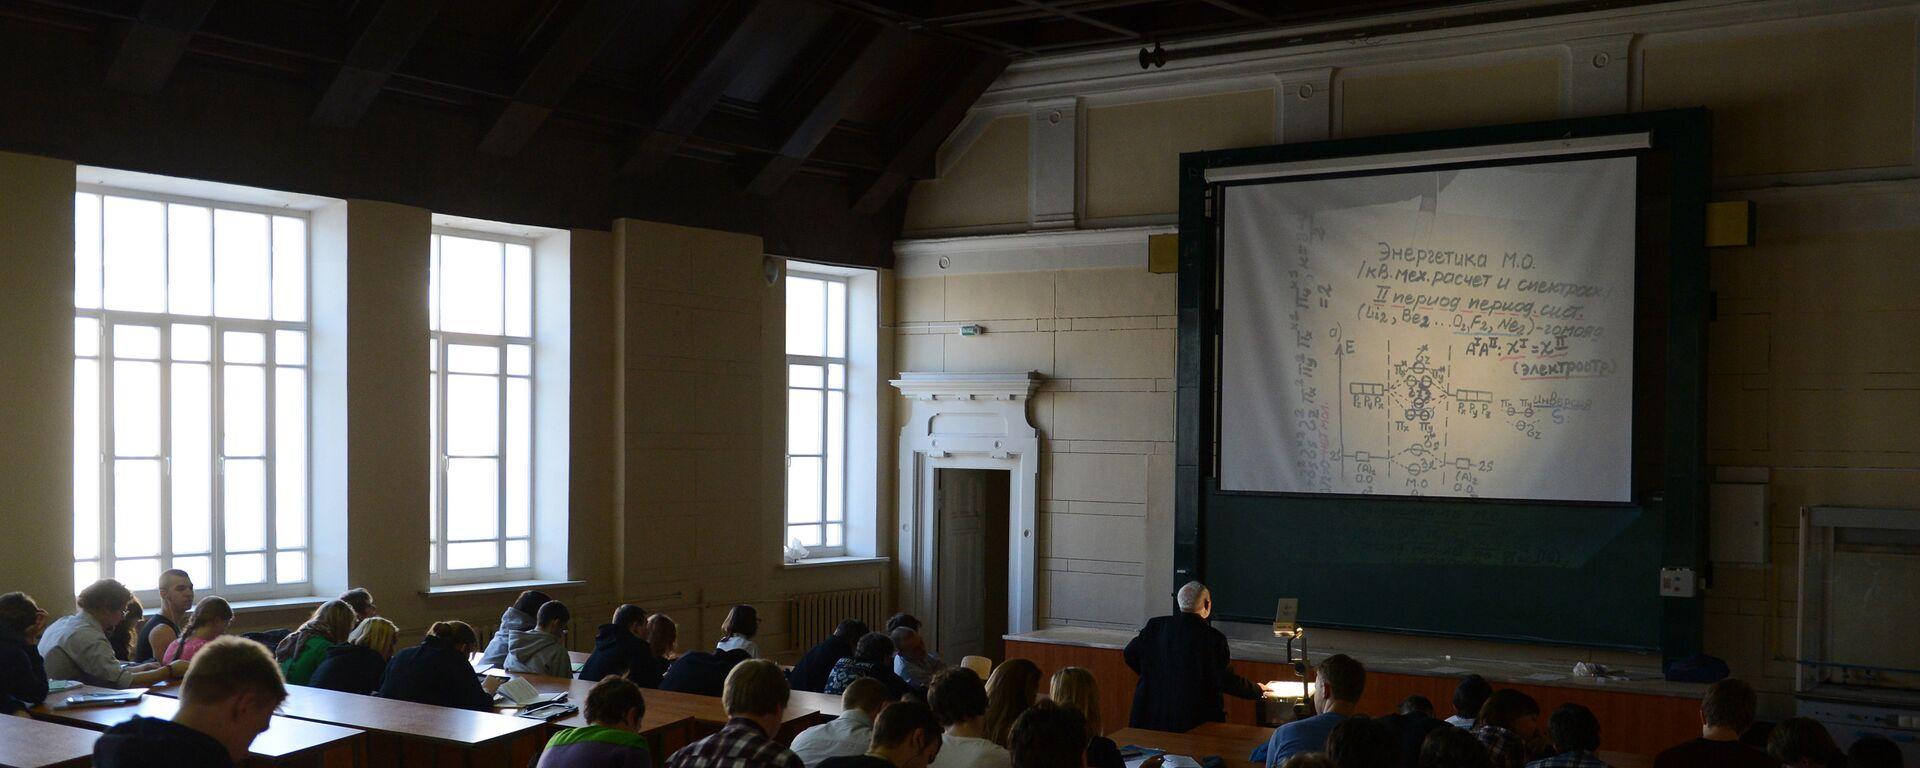 Студенты на лекции - Sputnik Латвия, 1920, 04.08.2021